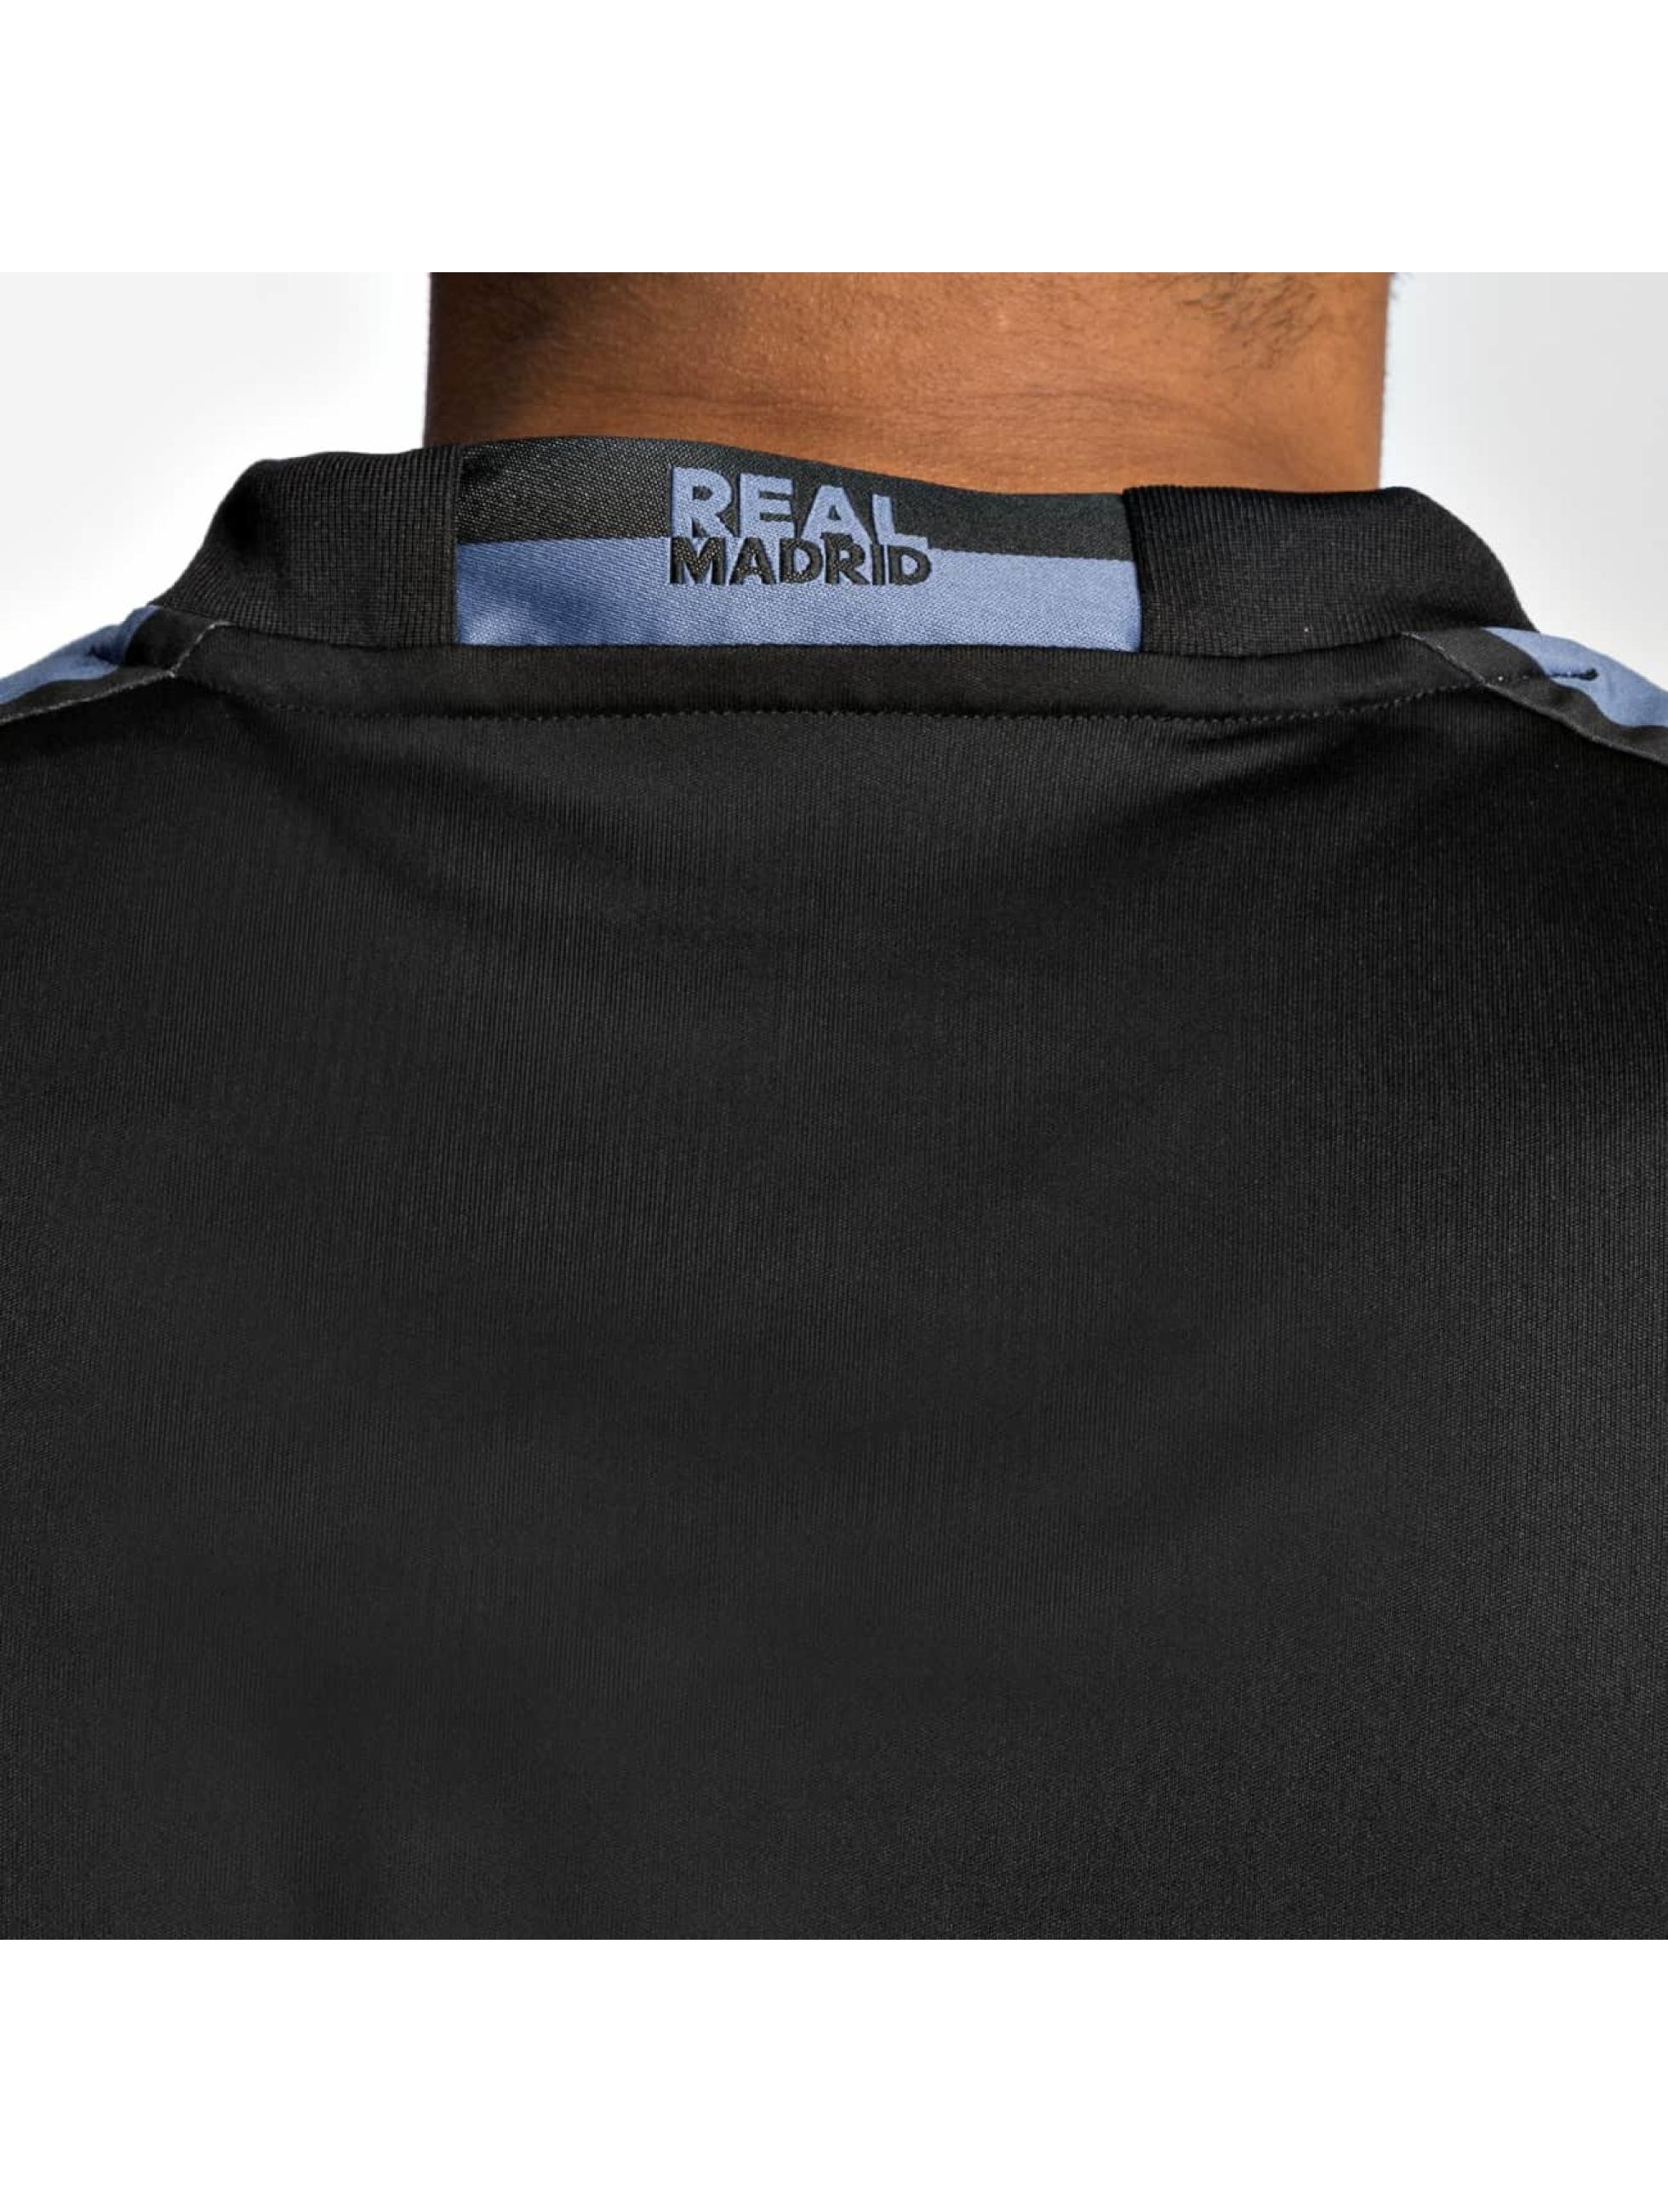 adidas T-Shirt Adidas Real Madrid Trikot black